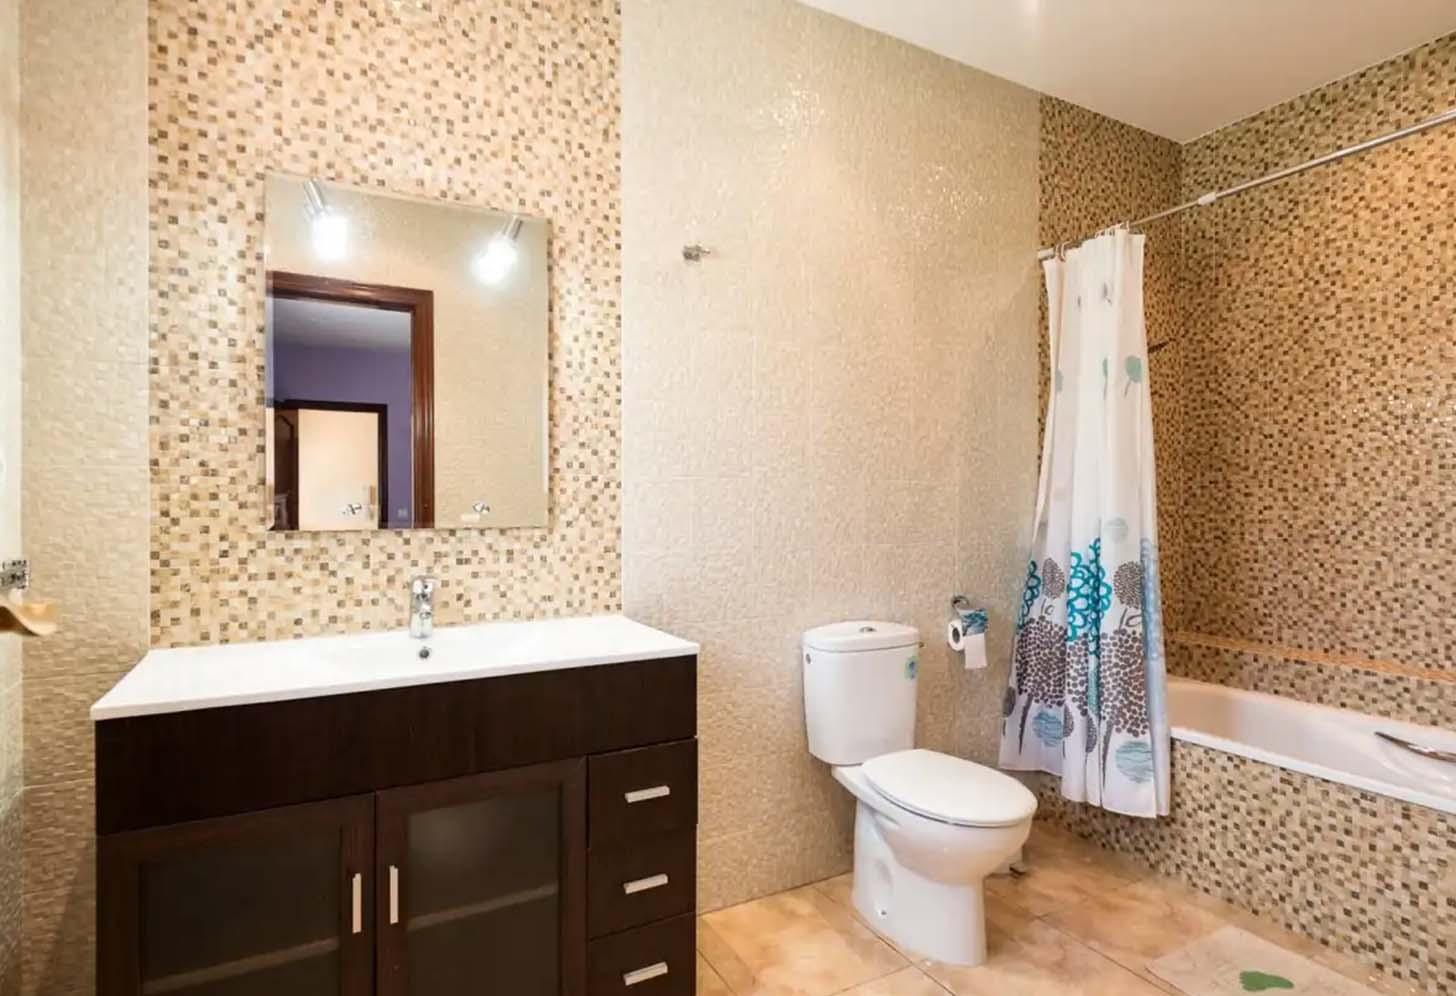 immobilier acheter une maison à calpe 005 d1 salle de bains